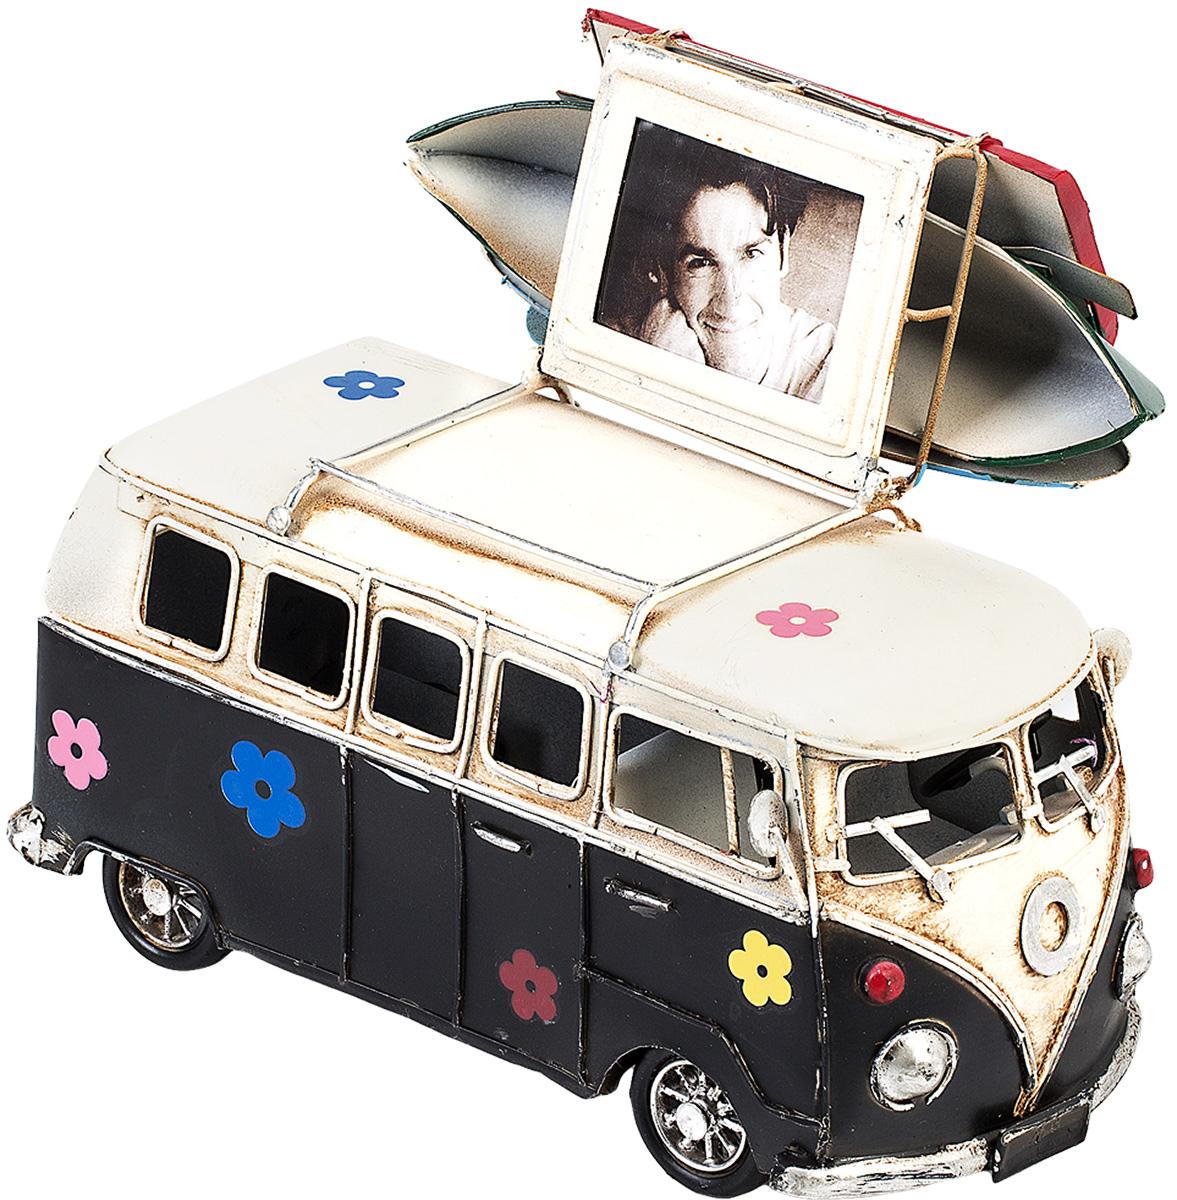 Модель Platinum Автобус, с фоторамкой и копилкой. 1404E-43491404E-4349Модель Platinum Автобус, выполненная из металла, станет оригинальным украшением вашего интерьера. Вы можете поставить модель автобуса в любом месте, где она будет удачно смотреться.Изделие дополнено фоторамкой и копилкой.Качество исполнения, точные детали и оригинальный дизайн выделяют эту модель среди ряда подобных. Модель займет достойное место в вашей коллекции, а также приятно удивит получателя в качестве стильного сувенира.